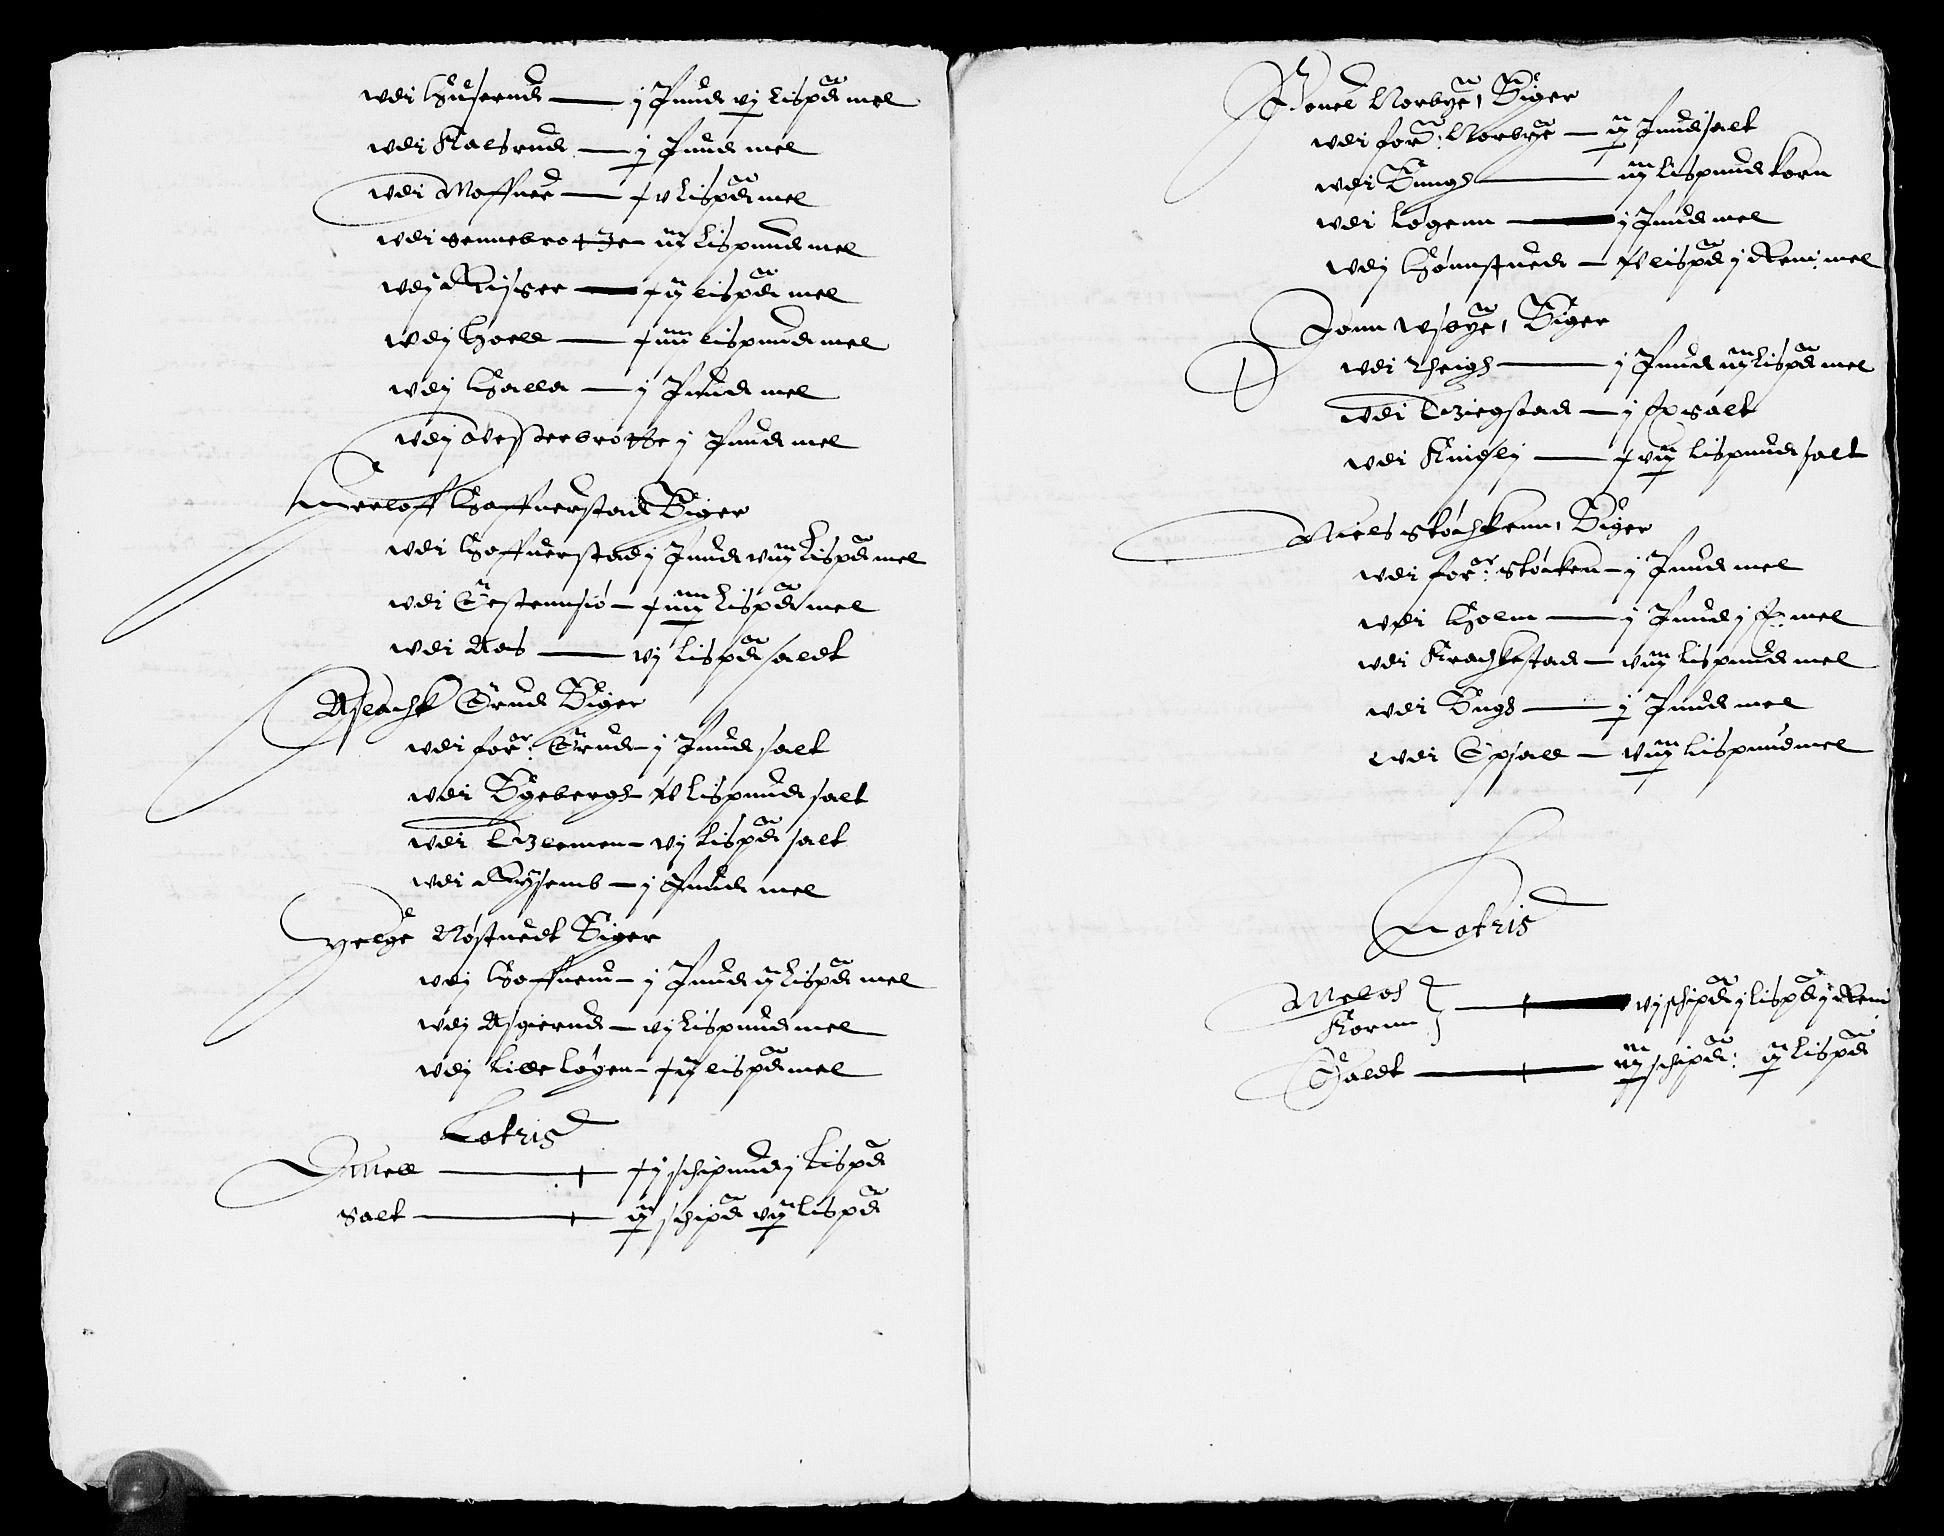 RA, Rentekammeret inntil 1814, Reviderte regnskaper, Lensregnskaper, R/Rb/Rba/L0106: Akershus len, 1631-1632